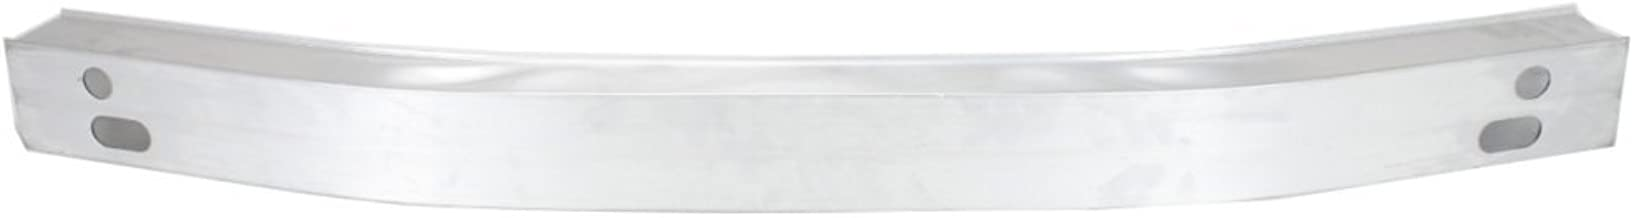 Bumper Reinforcement compatible with Honda Civic 06-11 Front Aluminum Coupe/Sedan